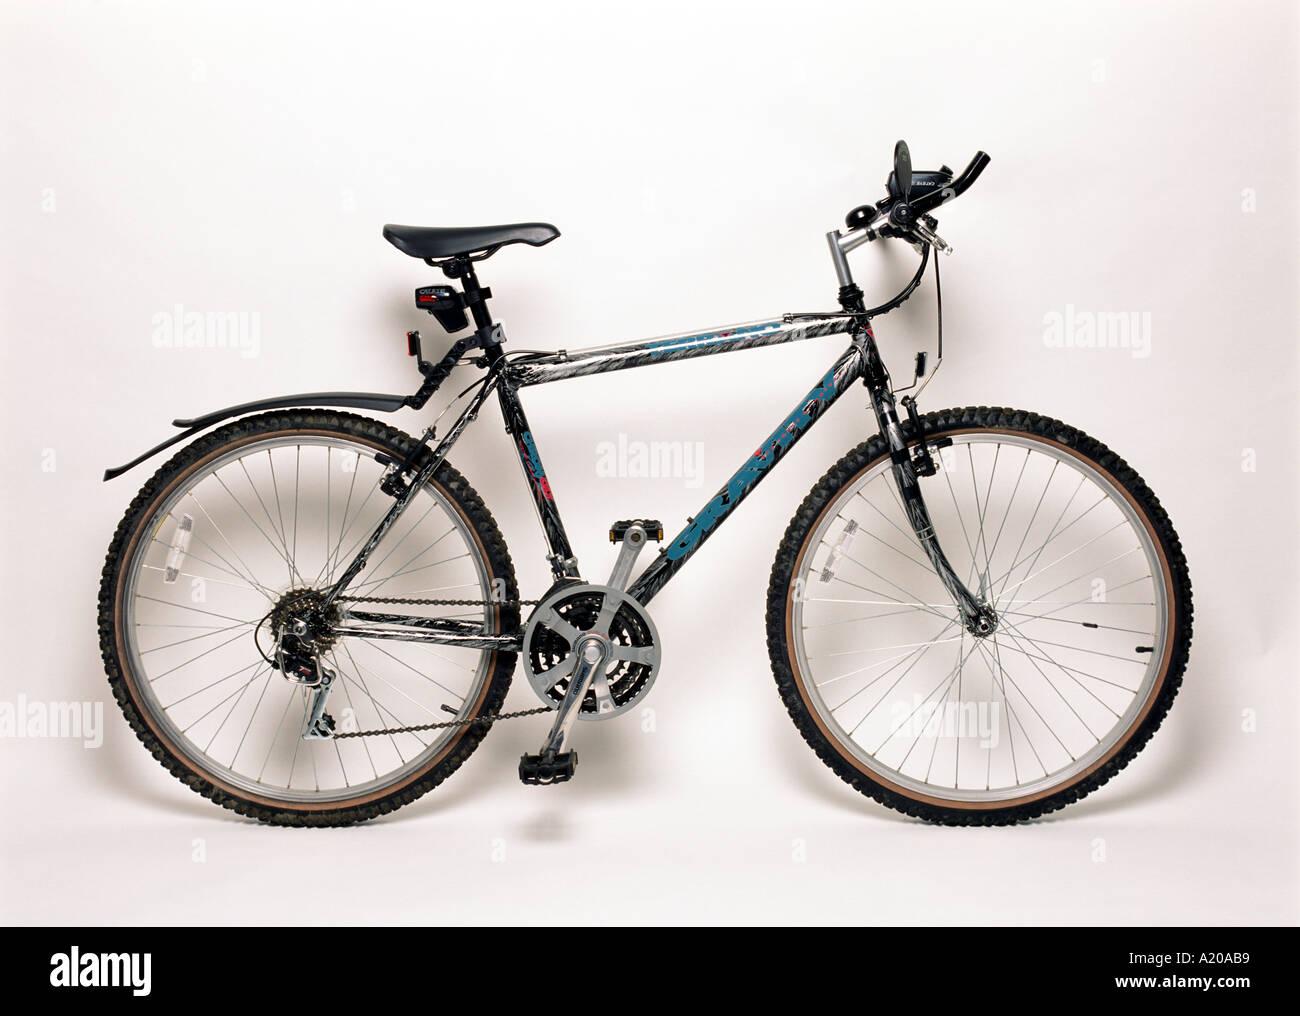 Una bicicleta de montaña normal contra el fondo blanco. Imagen De Stock